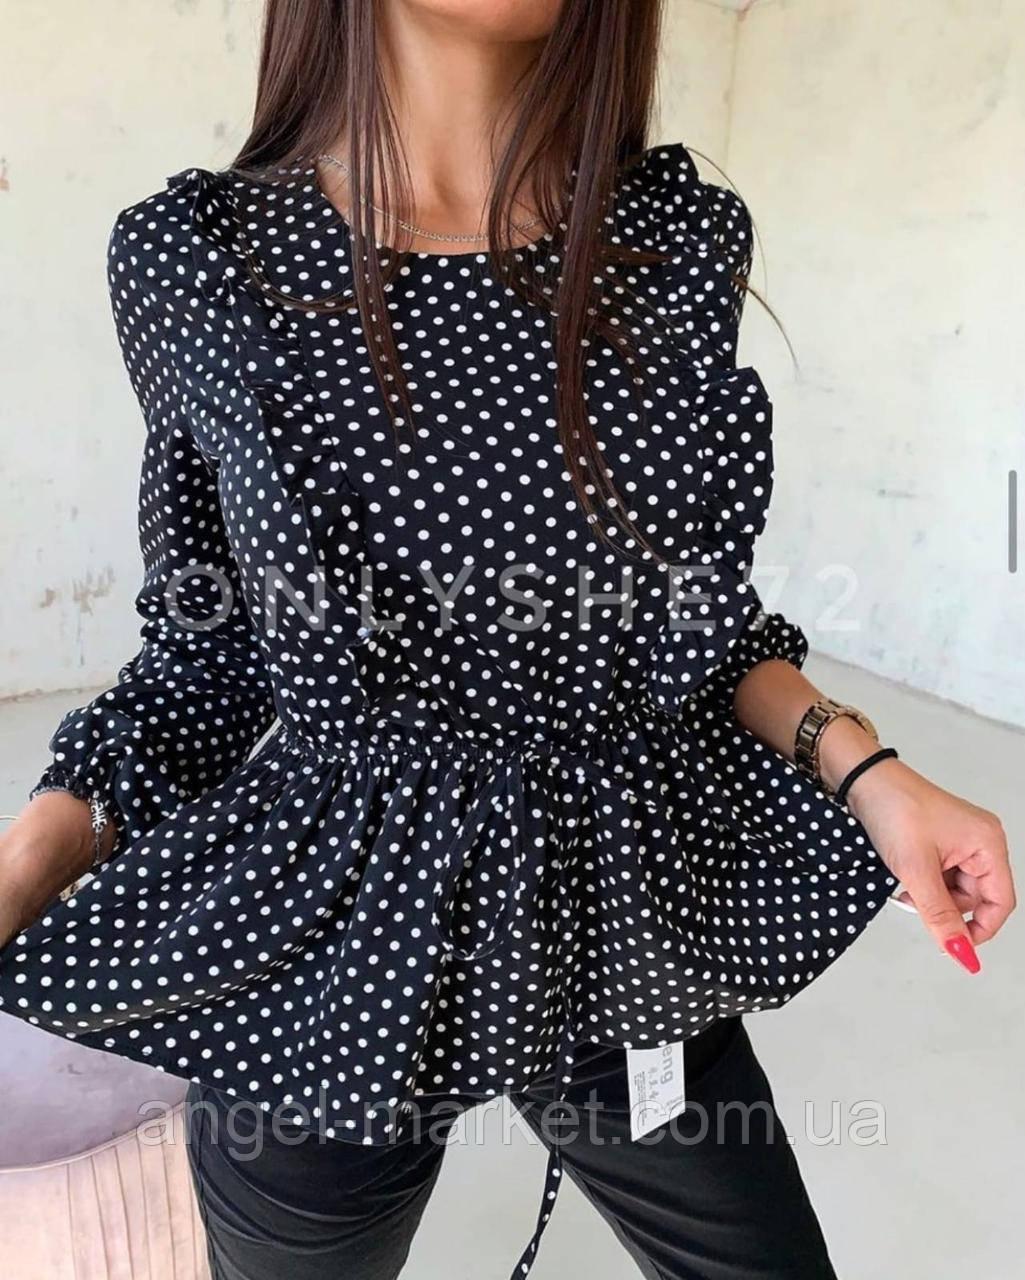 Блуза женская,блузка красивая, женская блуза Новинка 2020